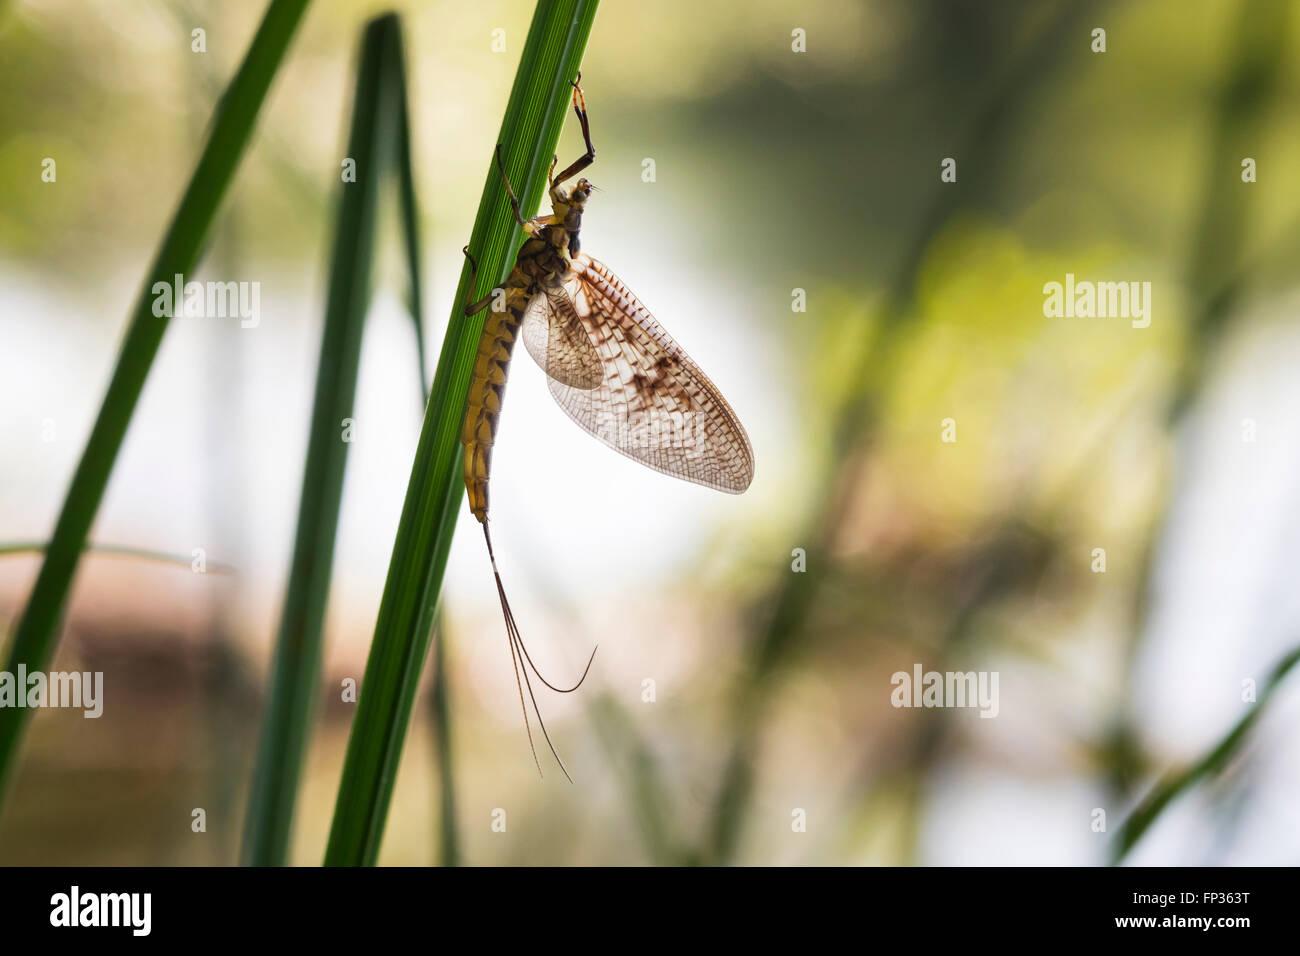 Mayfly (Ephemeroptera), Pupplinger Au, Upper Bavaria, Bavaria, Germany - Stock Image